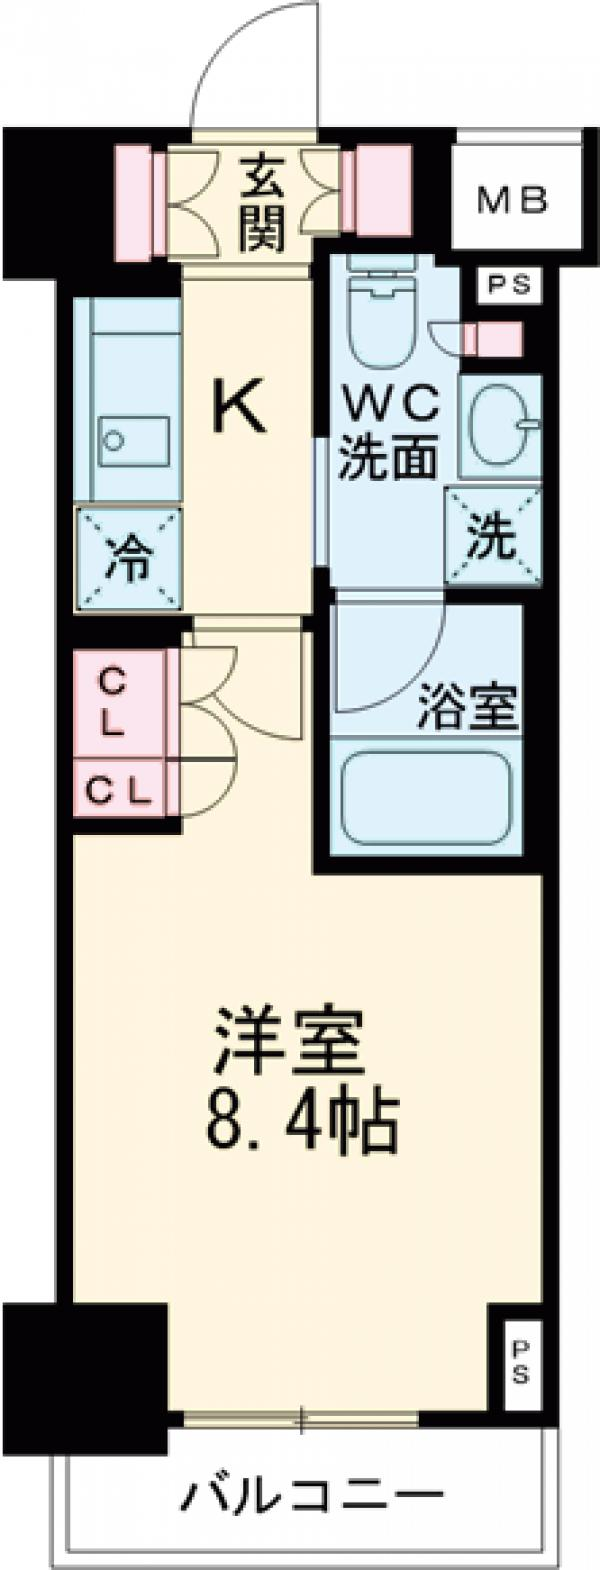 プラウドフラット西早稲田・405号室の間取り